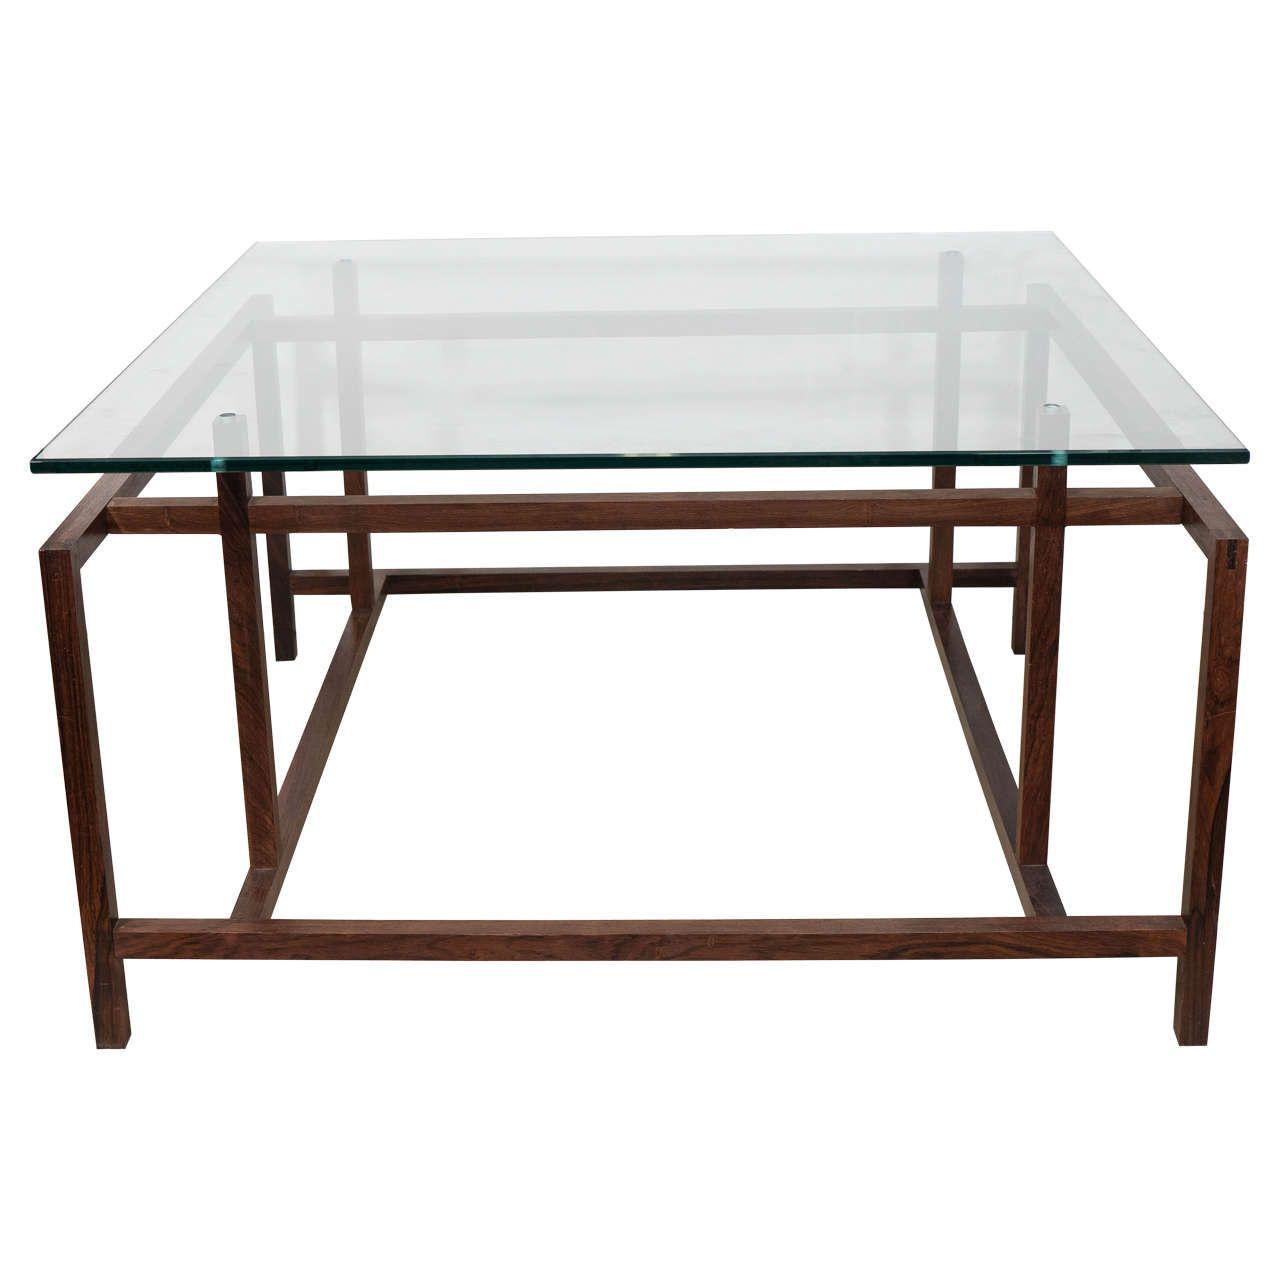 Henning Norgaard Modern Rosewood Coffee Table With Glass Top For Komfort Coffee Table Glass Top Coffee Table Danish Modern Coffee Table [ 1280 x 1280 Pixel ]